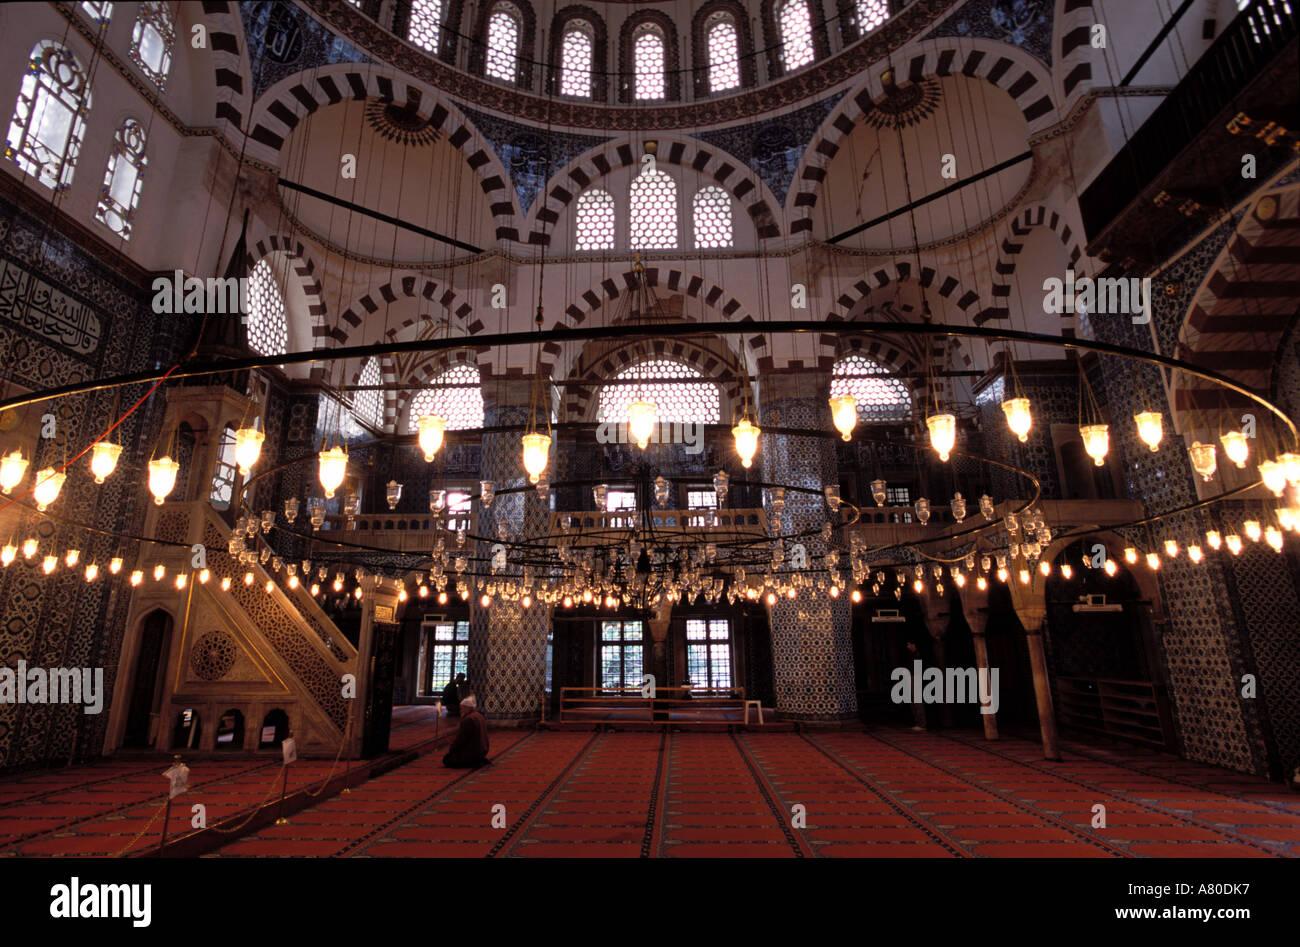 Turkey, Istanbul, Kusten Pacha mosque - Stock Image